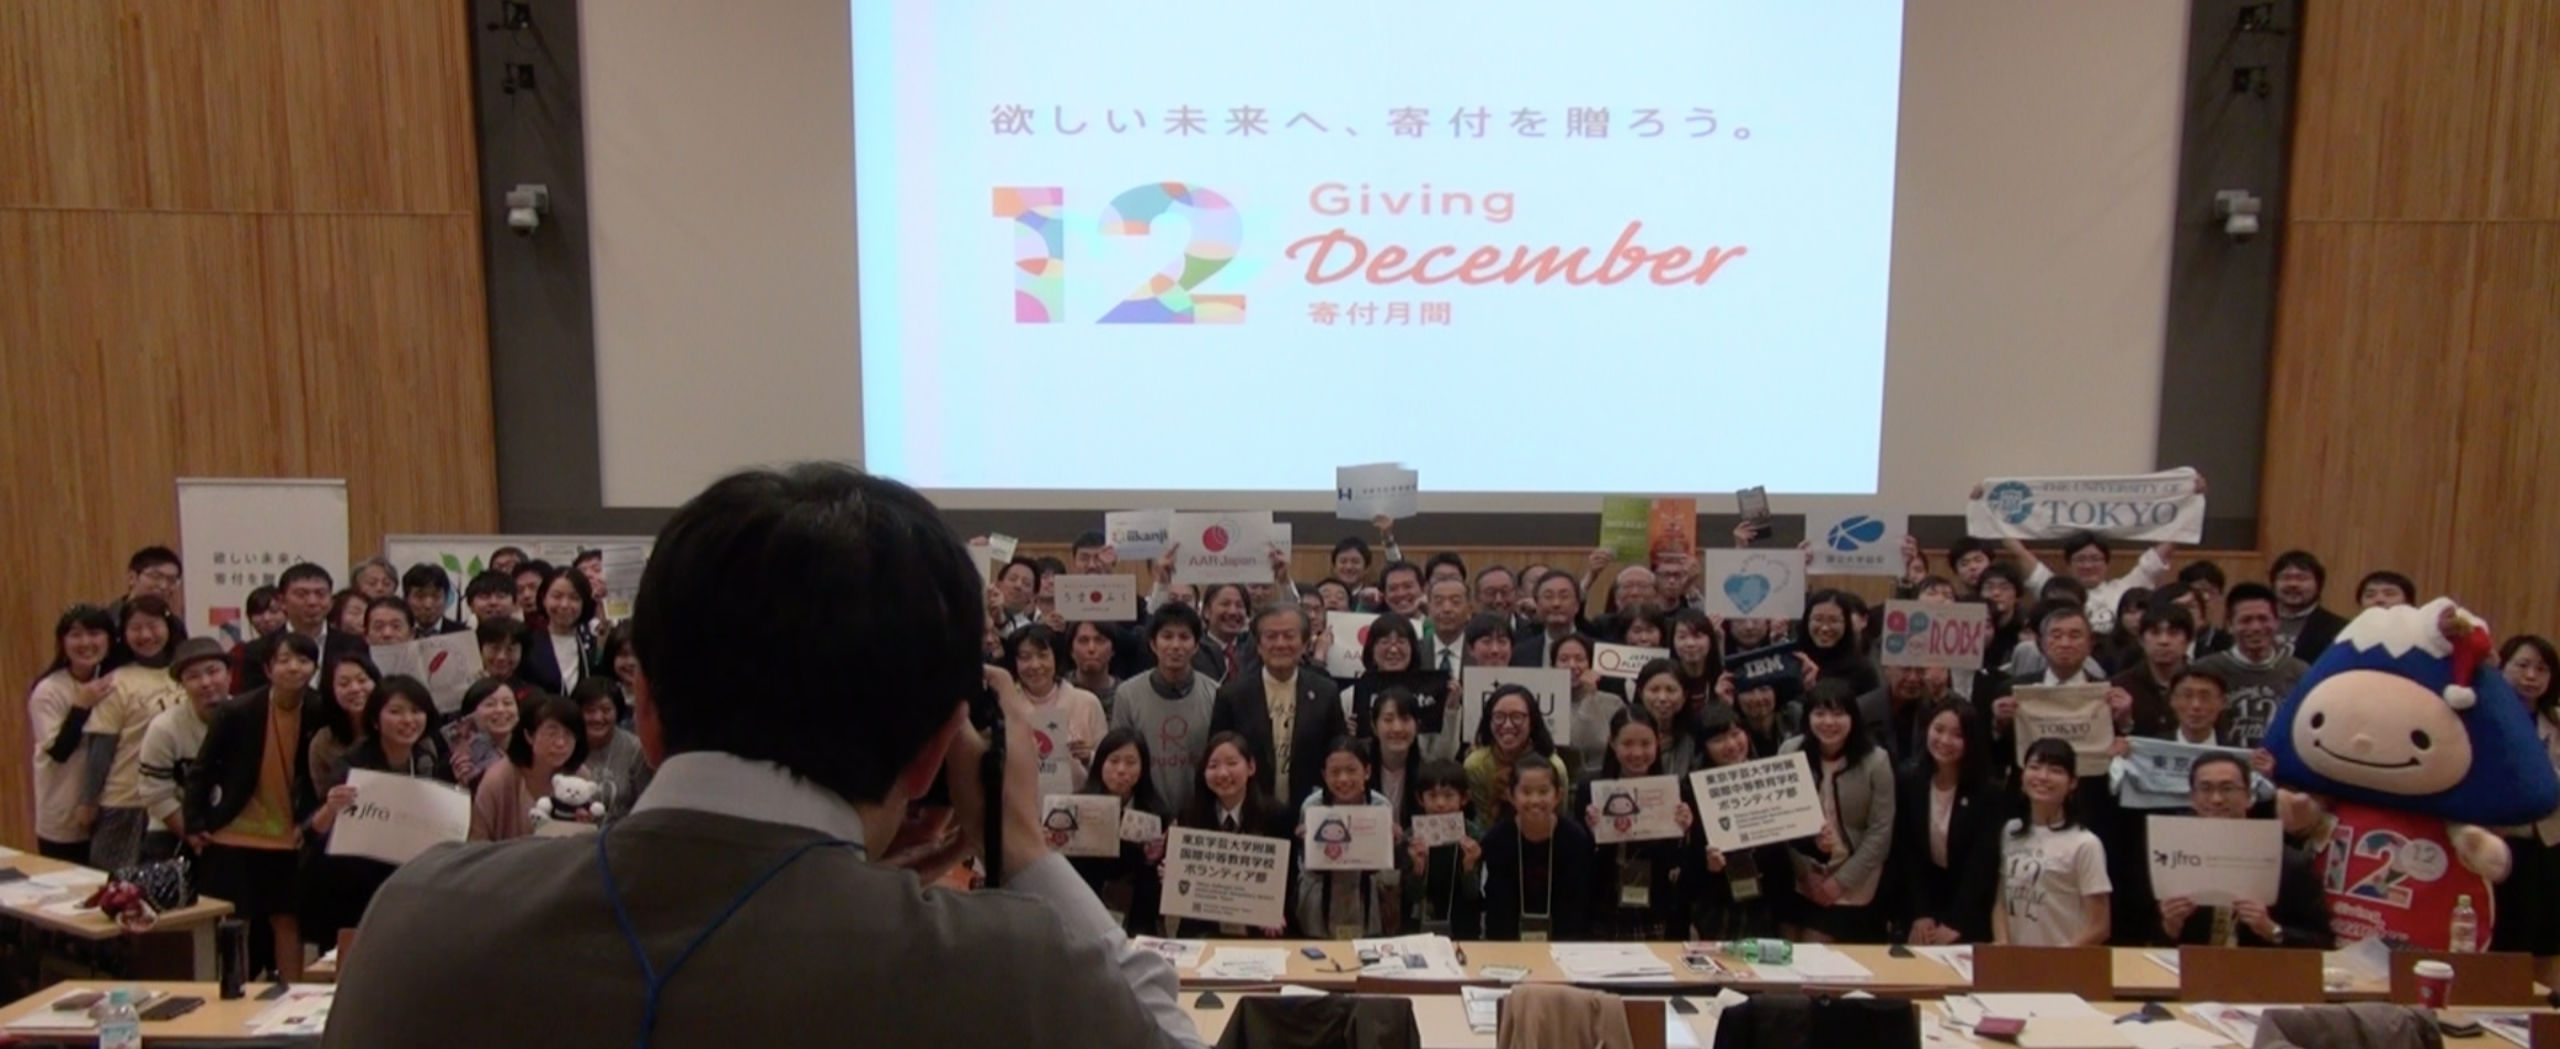 12月は寄付月間 「民主主義の対語は沈黙だ。欲しい未来に、寄付を贈 ...